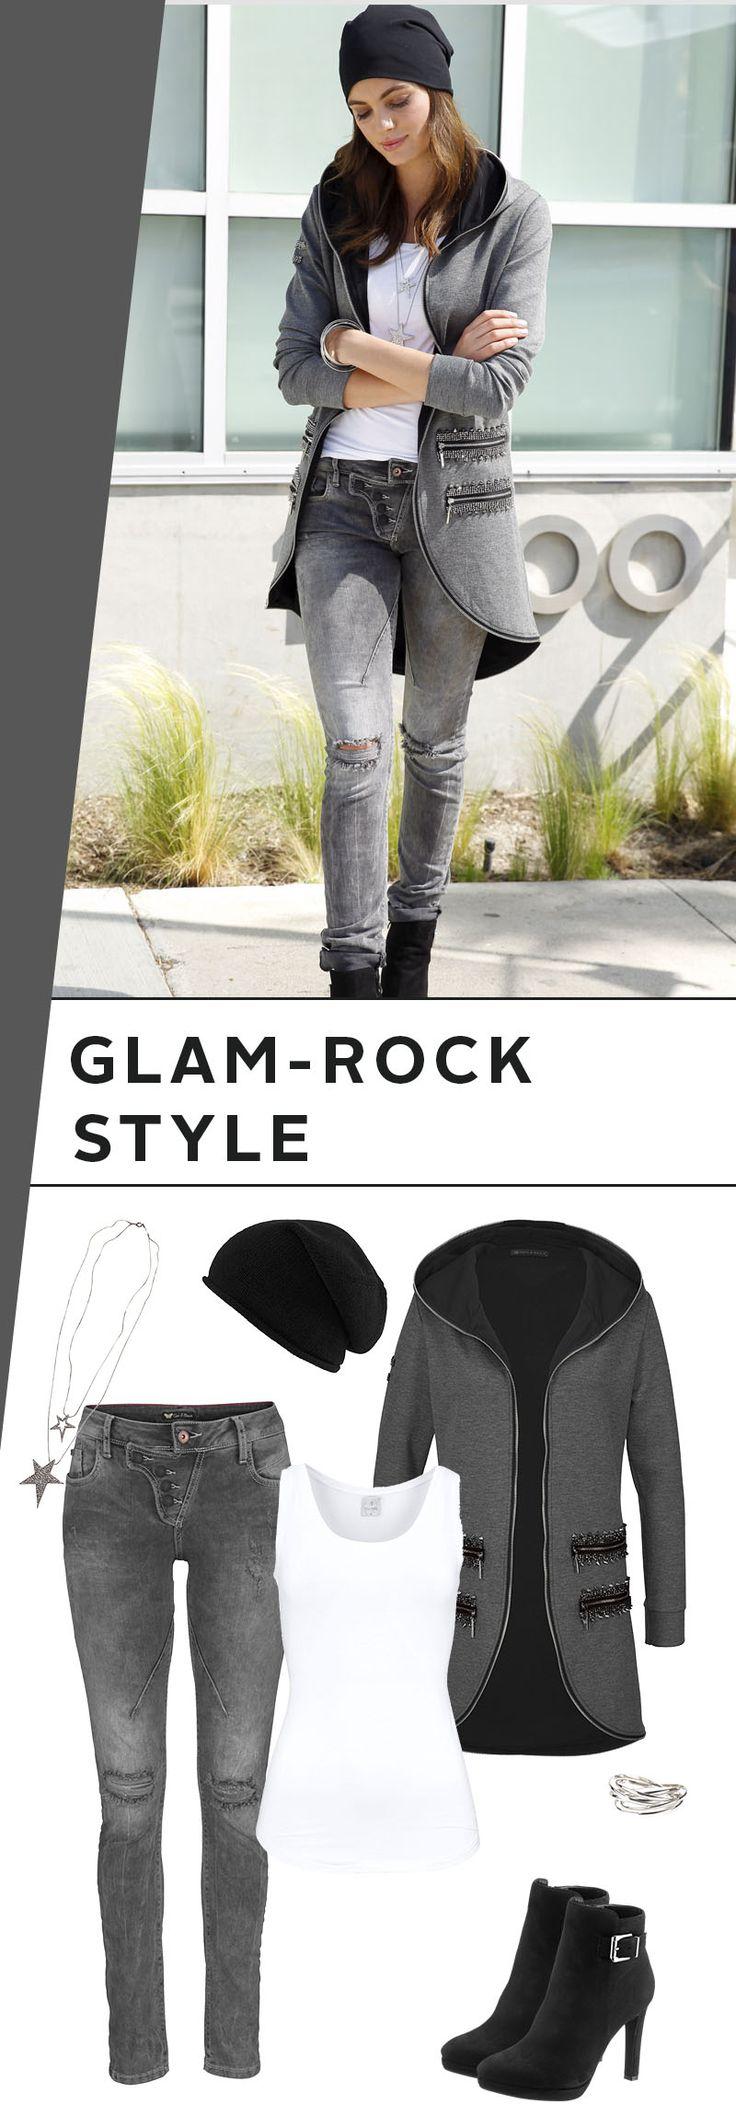 Highlight des fast schon futuristischen Outfits ist die Kapuzensweatjacke mit Nieten und Glitzerdetails, die du mit Slim-fit-Jeans im Destroyed-Look kombinierst. Mütze und Top machen die Kombi extrem cosy, während die Stiefelette für Eleganz sorgt.